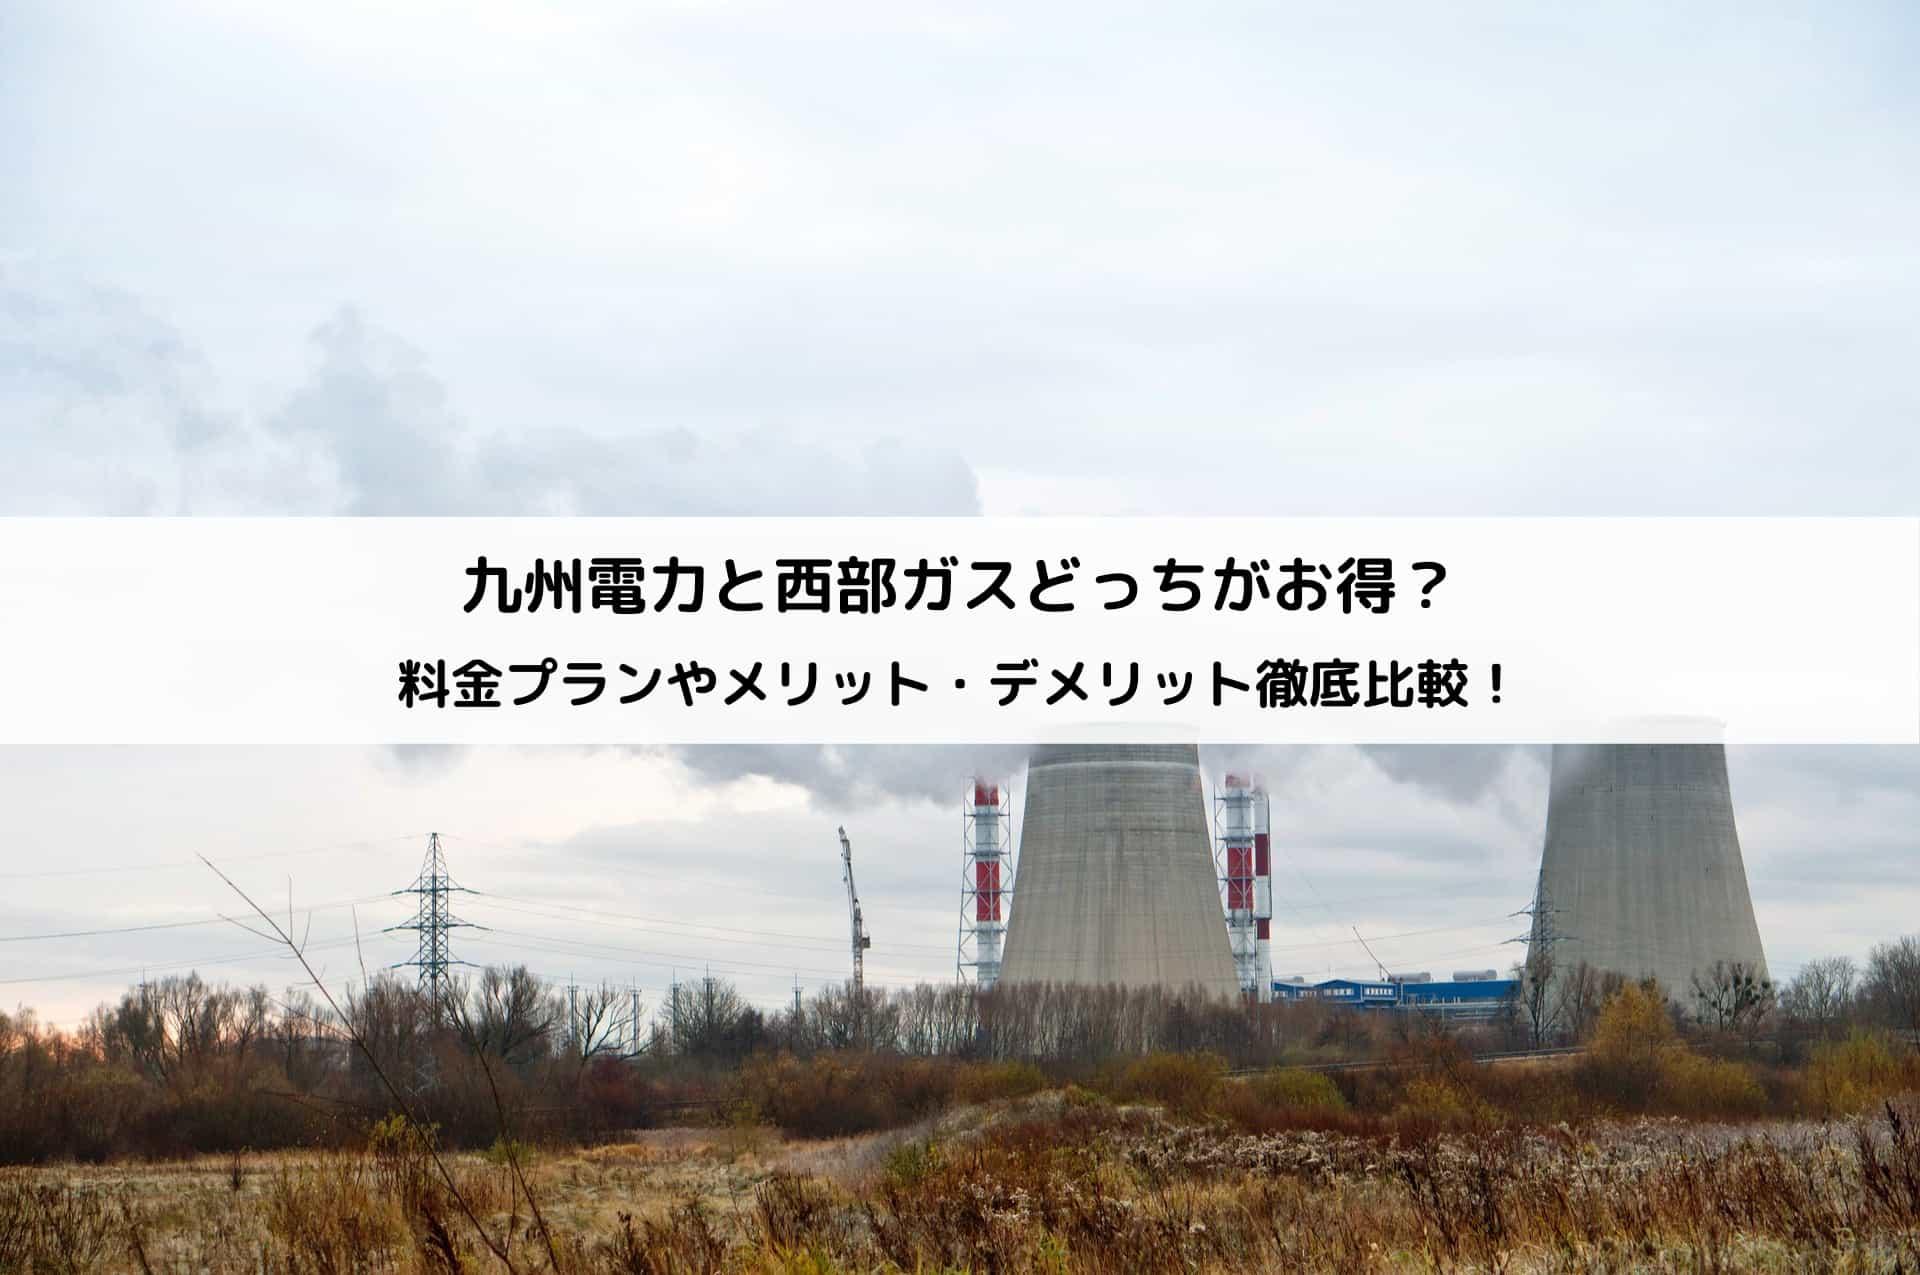 九州電力と西部ガスどっちがお得?料金プランやメリット・デメリット徹底比較!